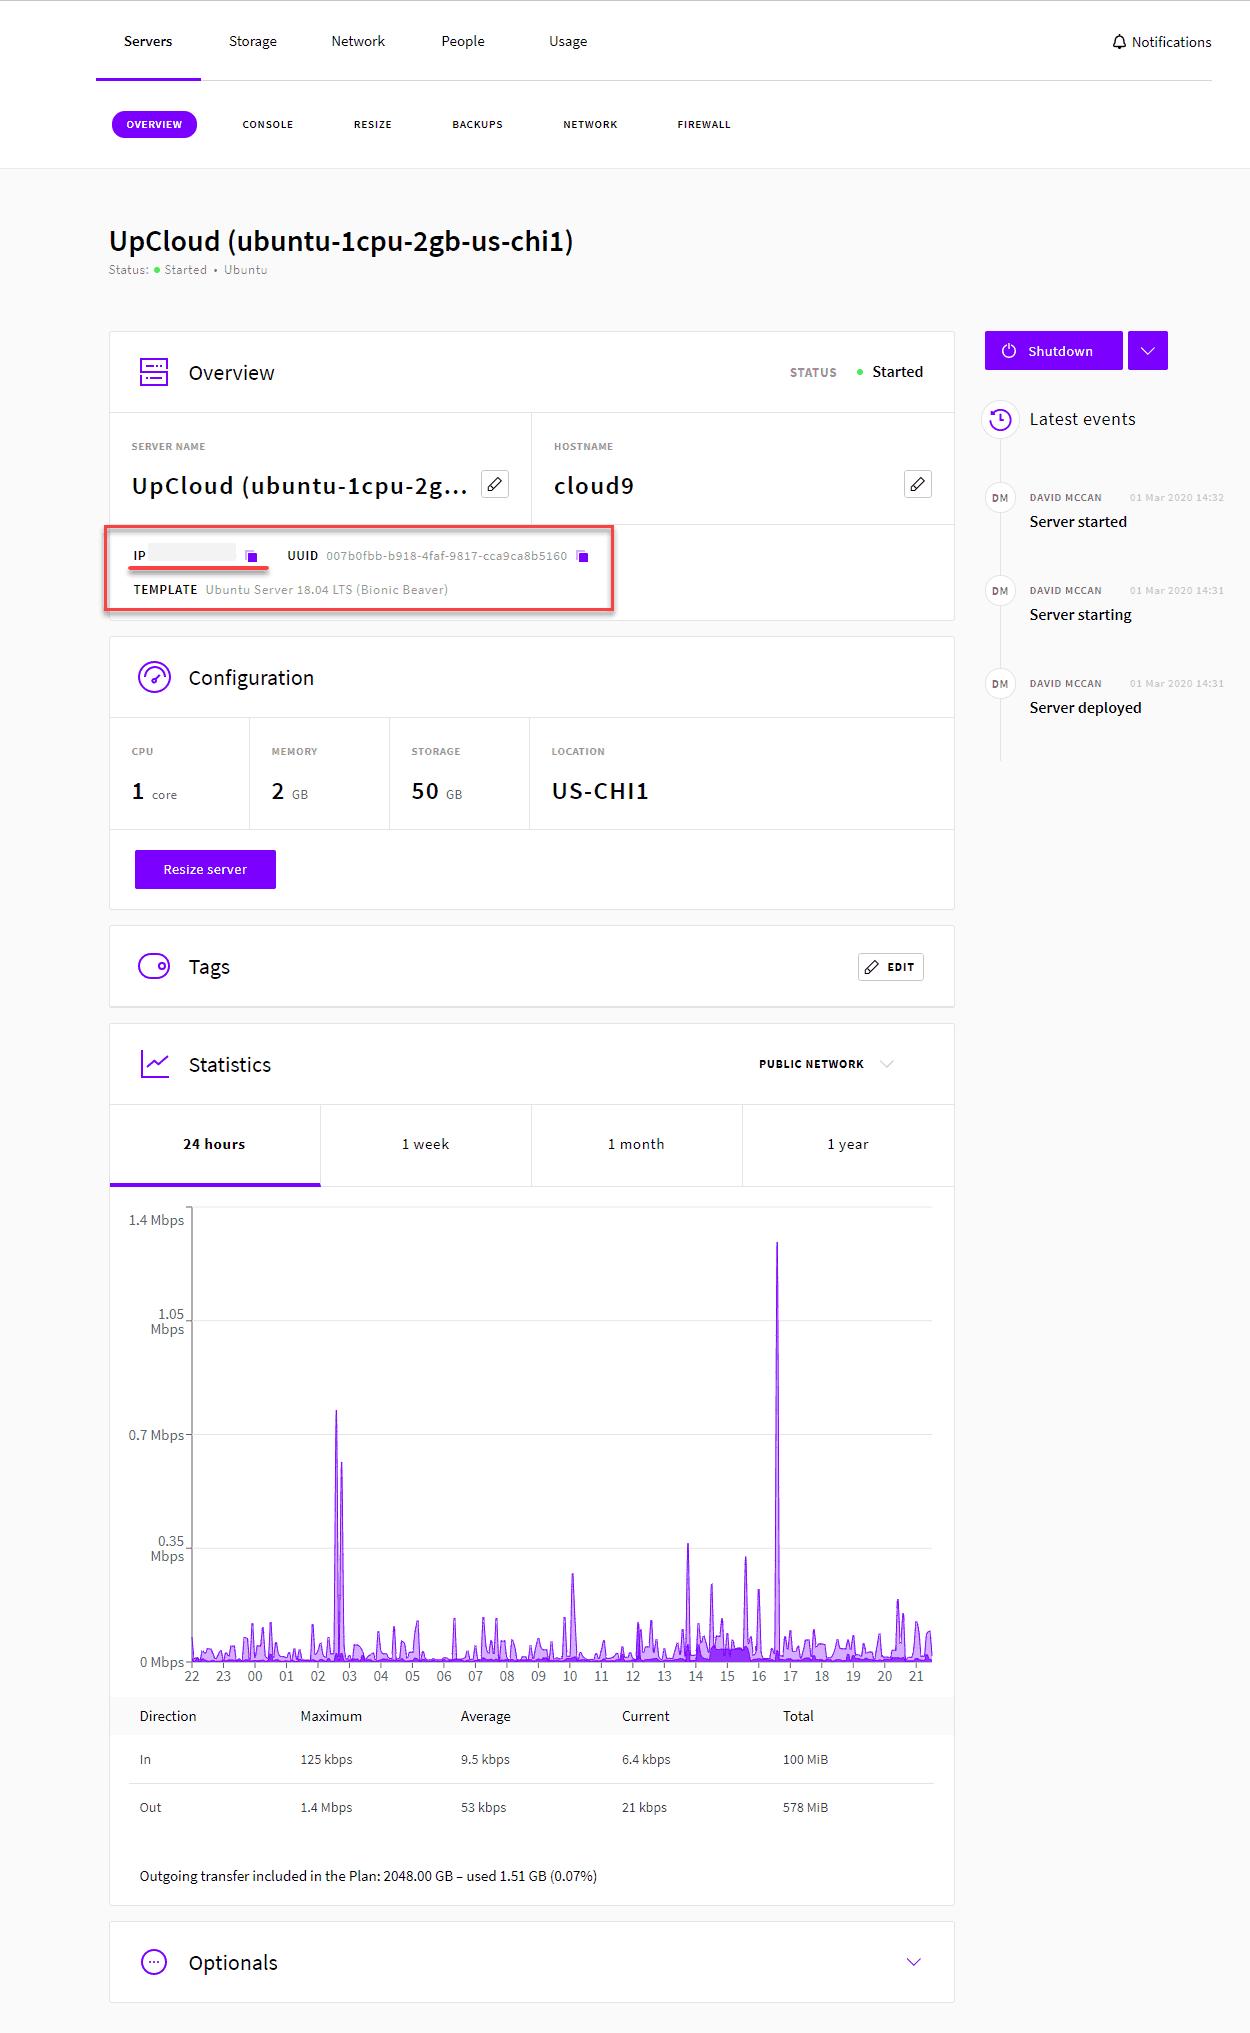 Upcloud Server Details